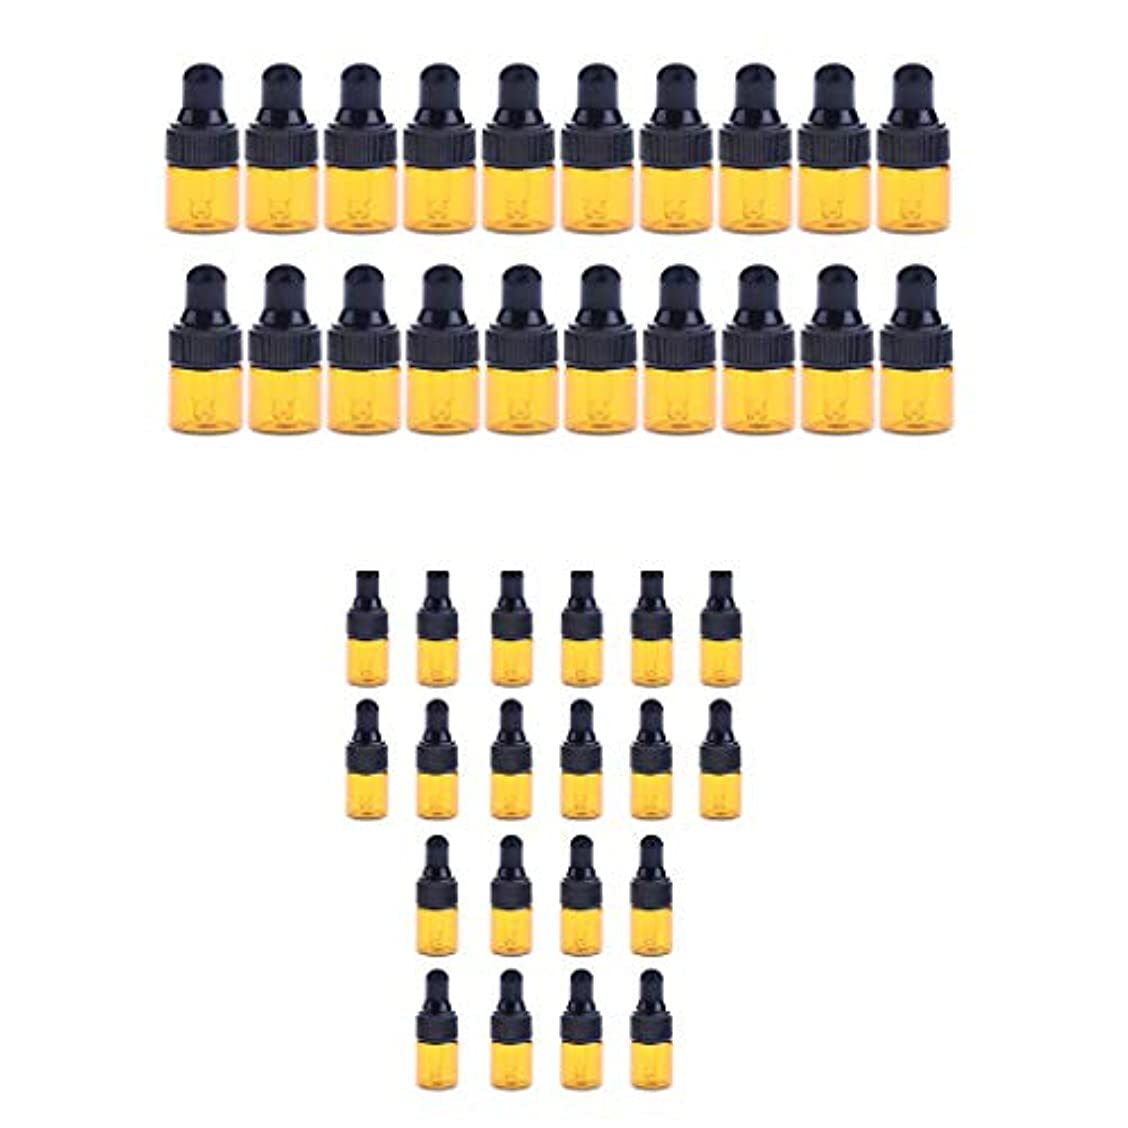 近代化冷笑する励起小分けボトル スポイトボトル ガラス瓶 詰め替え 精油 香水 保存用 2ml / 3ml 40個入